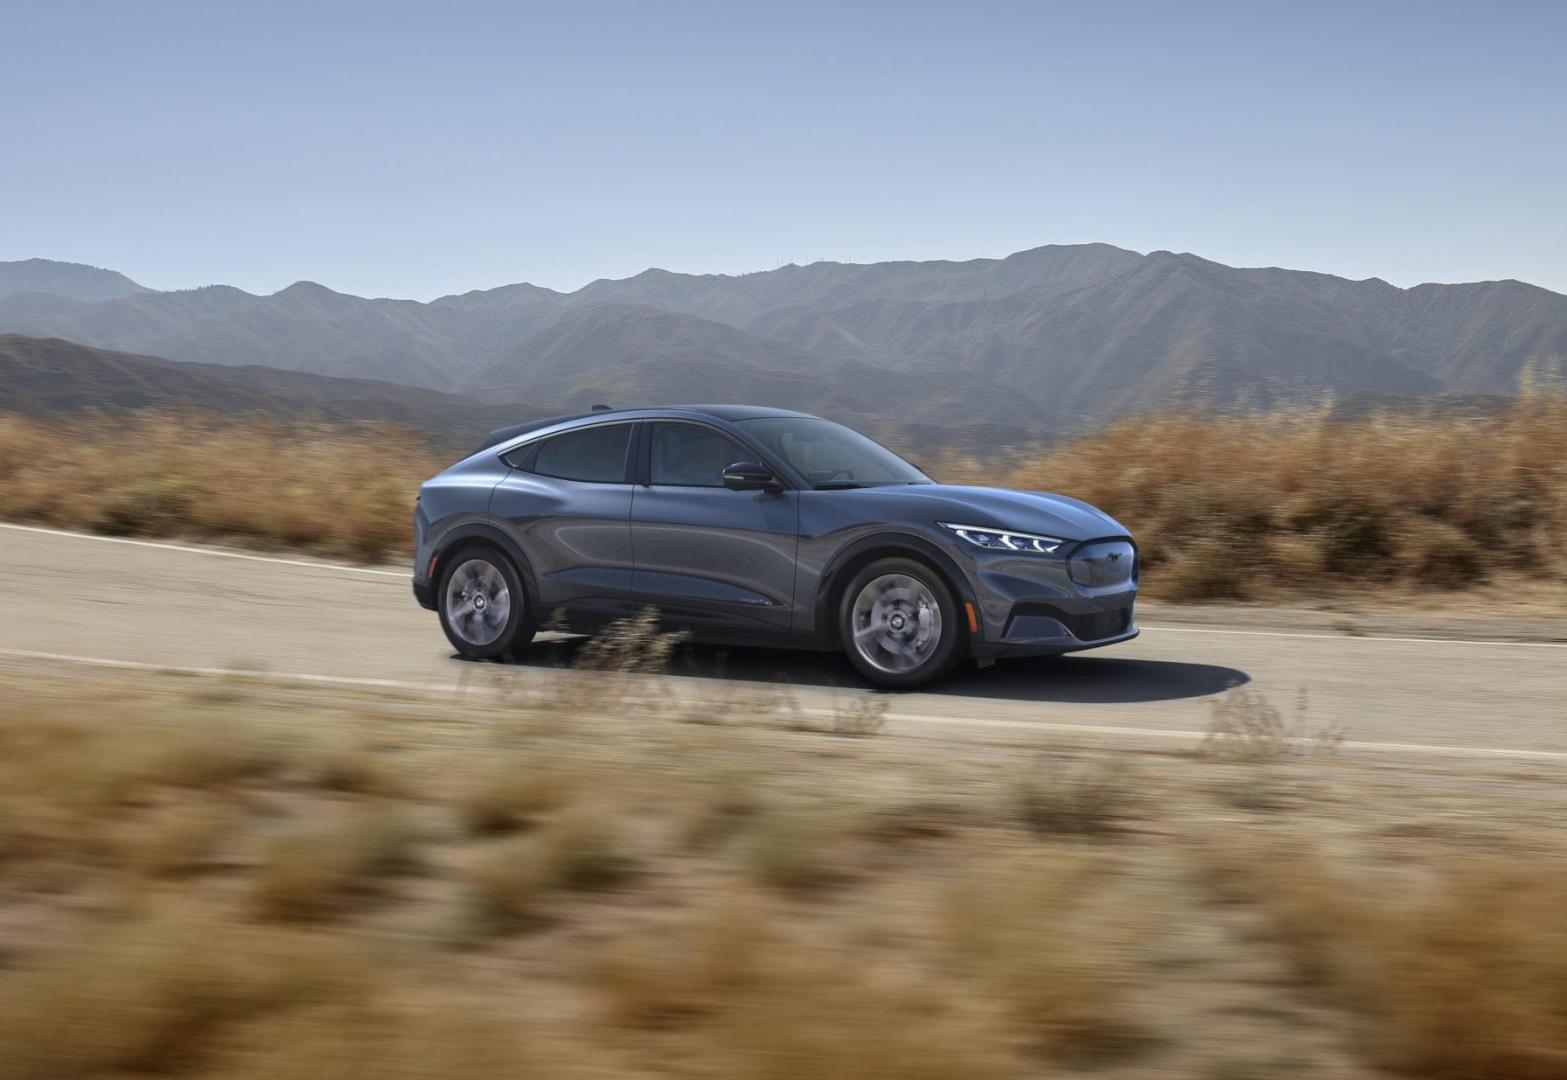 Ford Mustang Mach-E 1e rij-indruk 2020